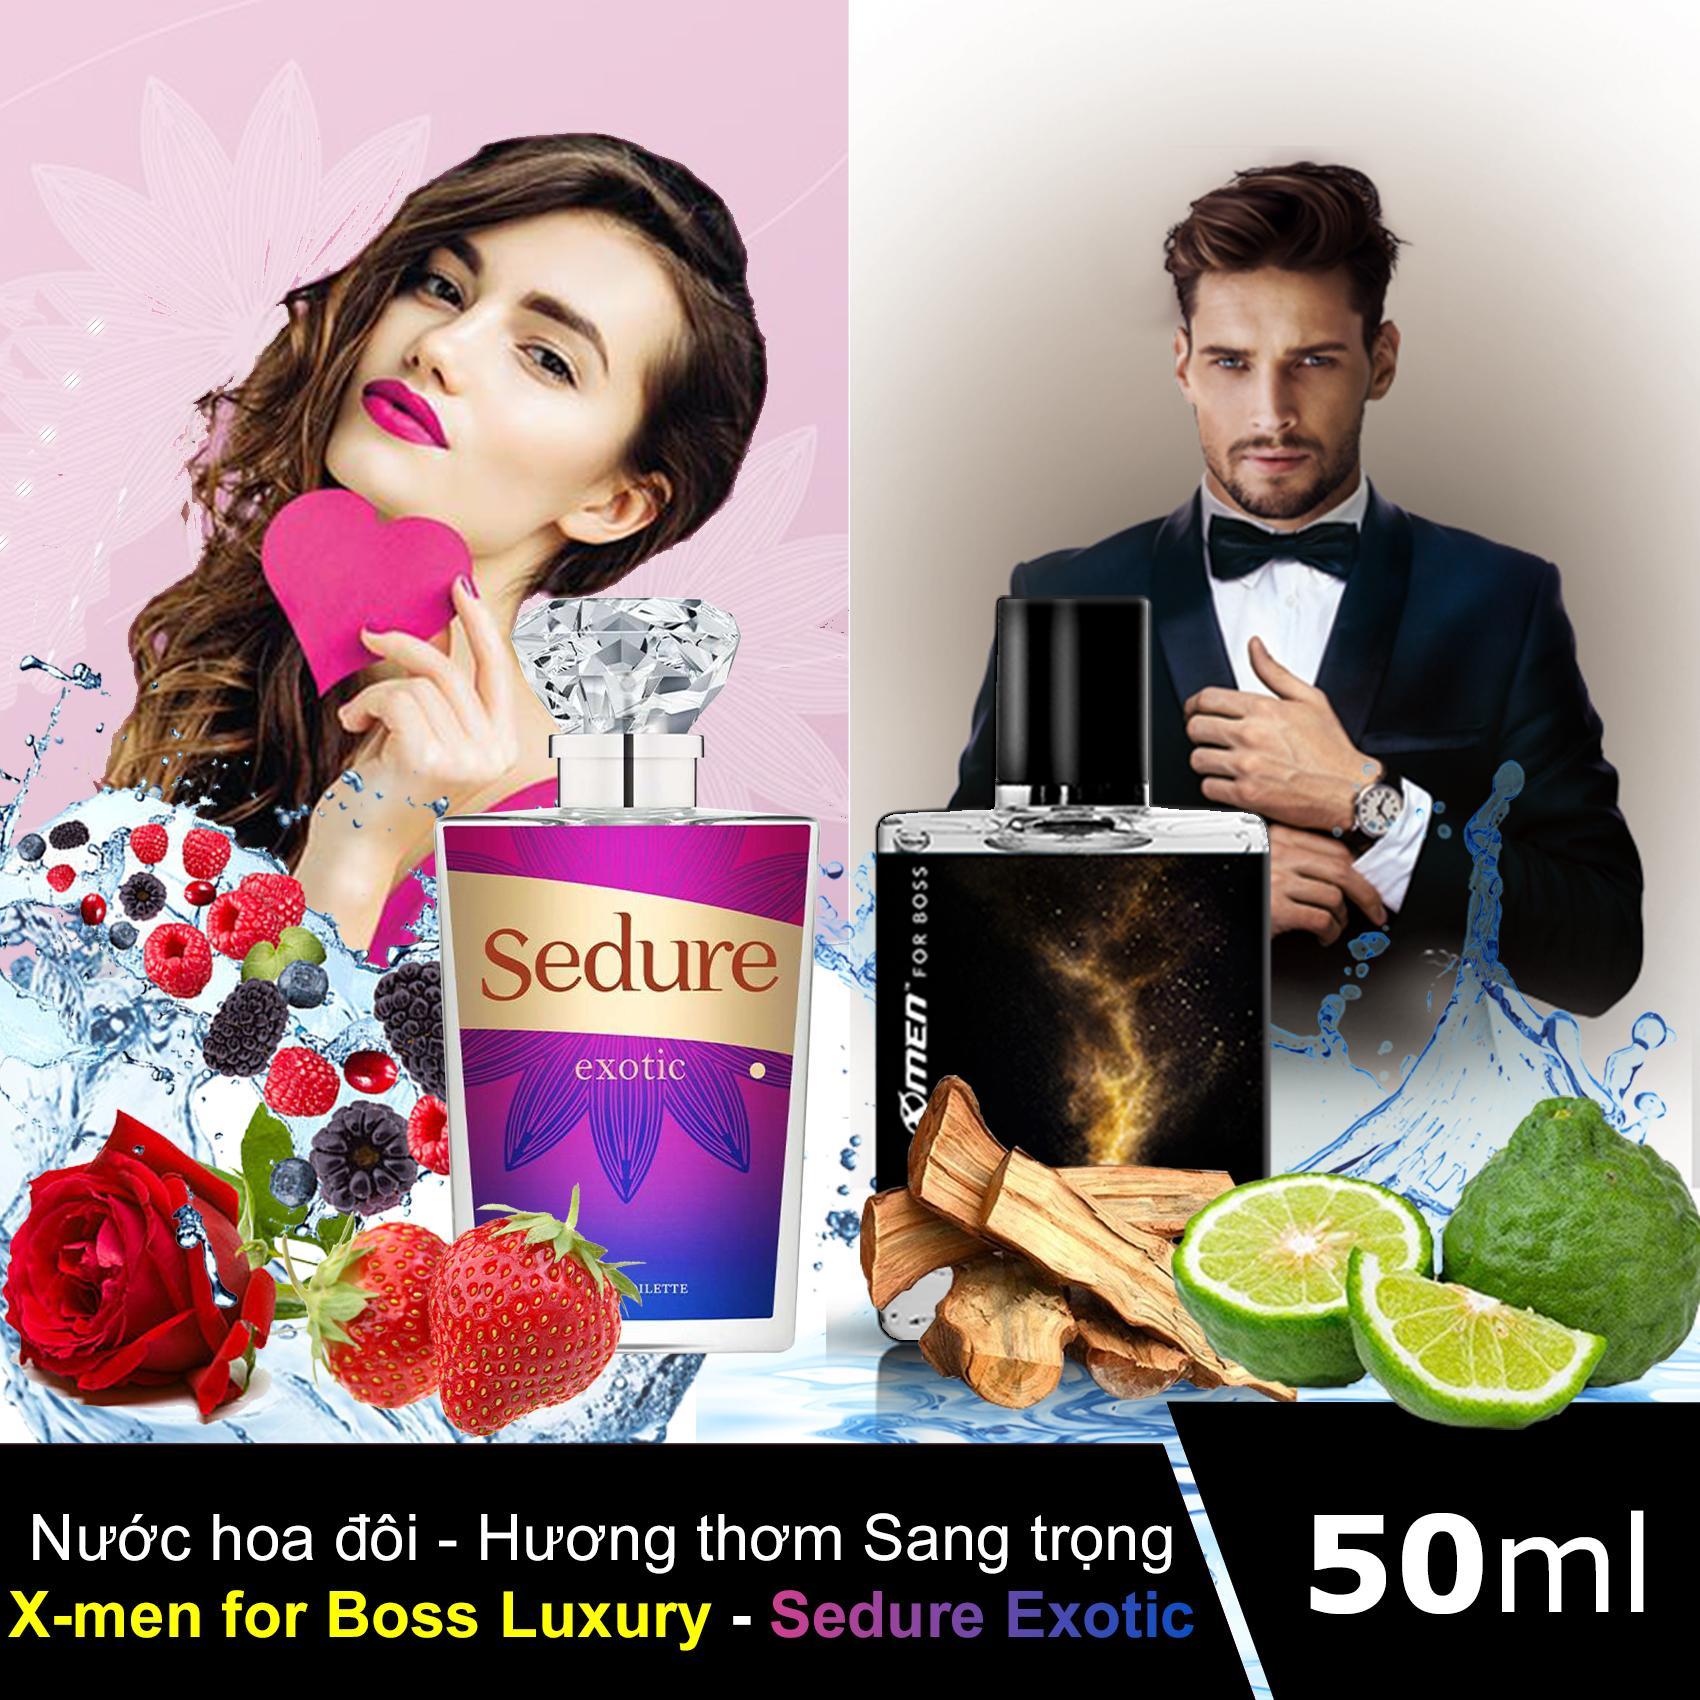 Nước hoa đôi: Xmen for Boss Luxury + Sedure Exotic - Hương thơm Sang Trọng